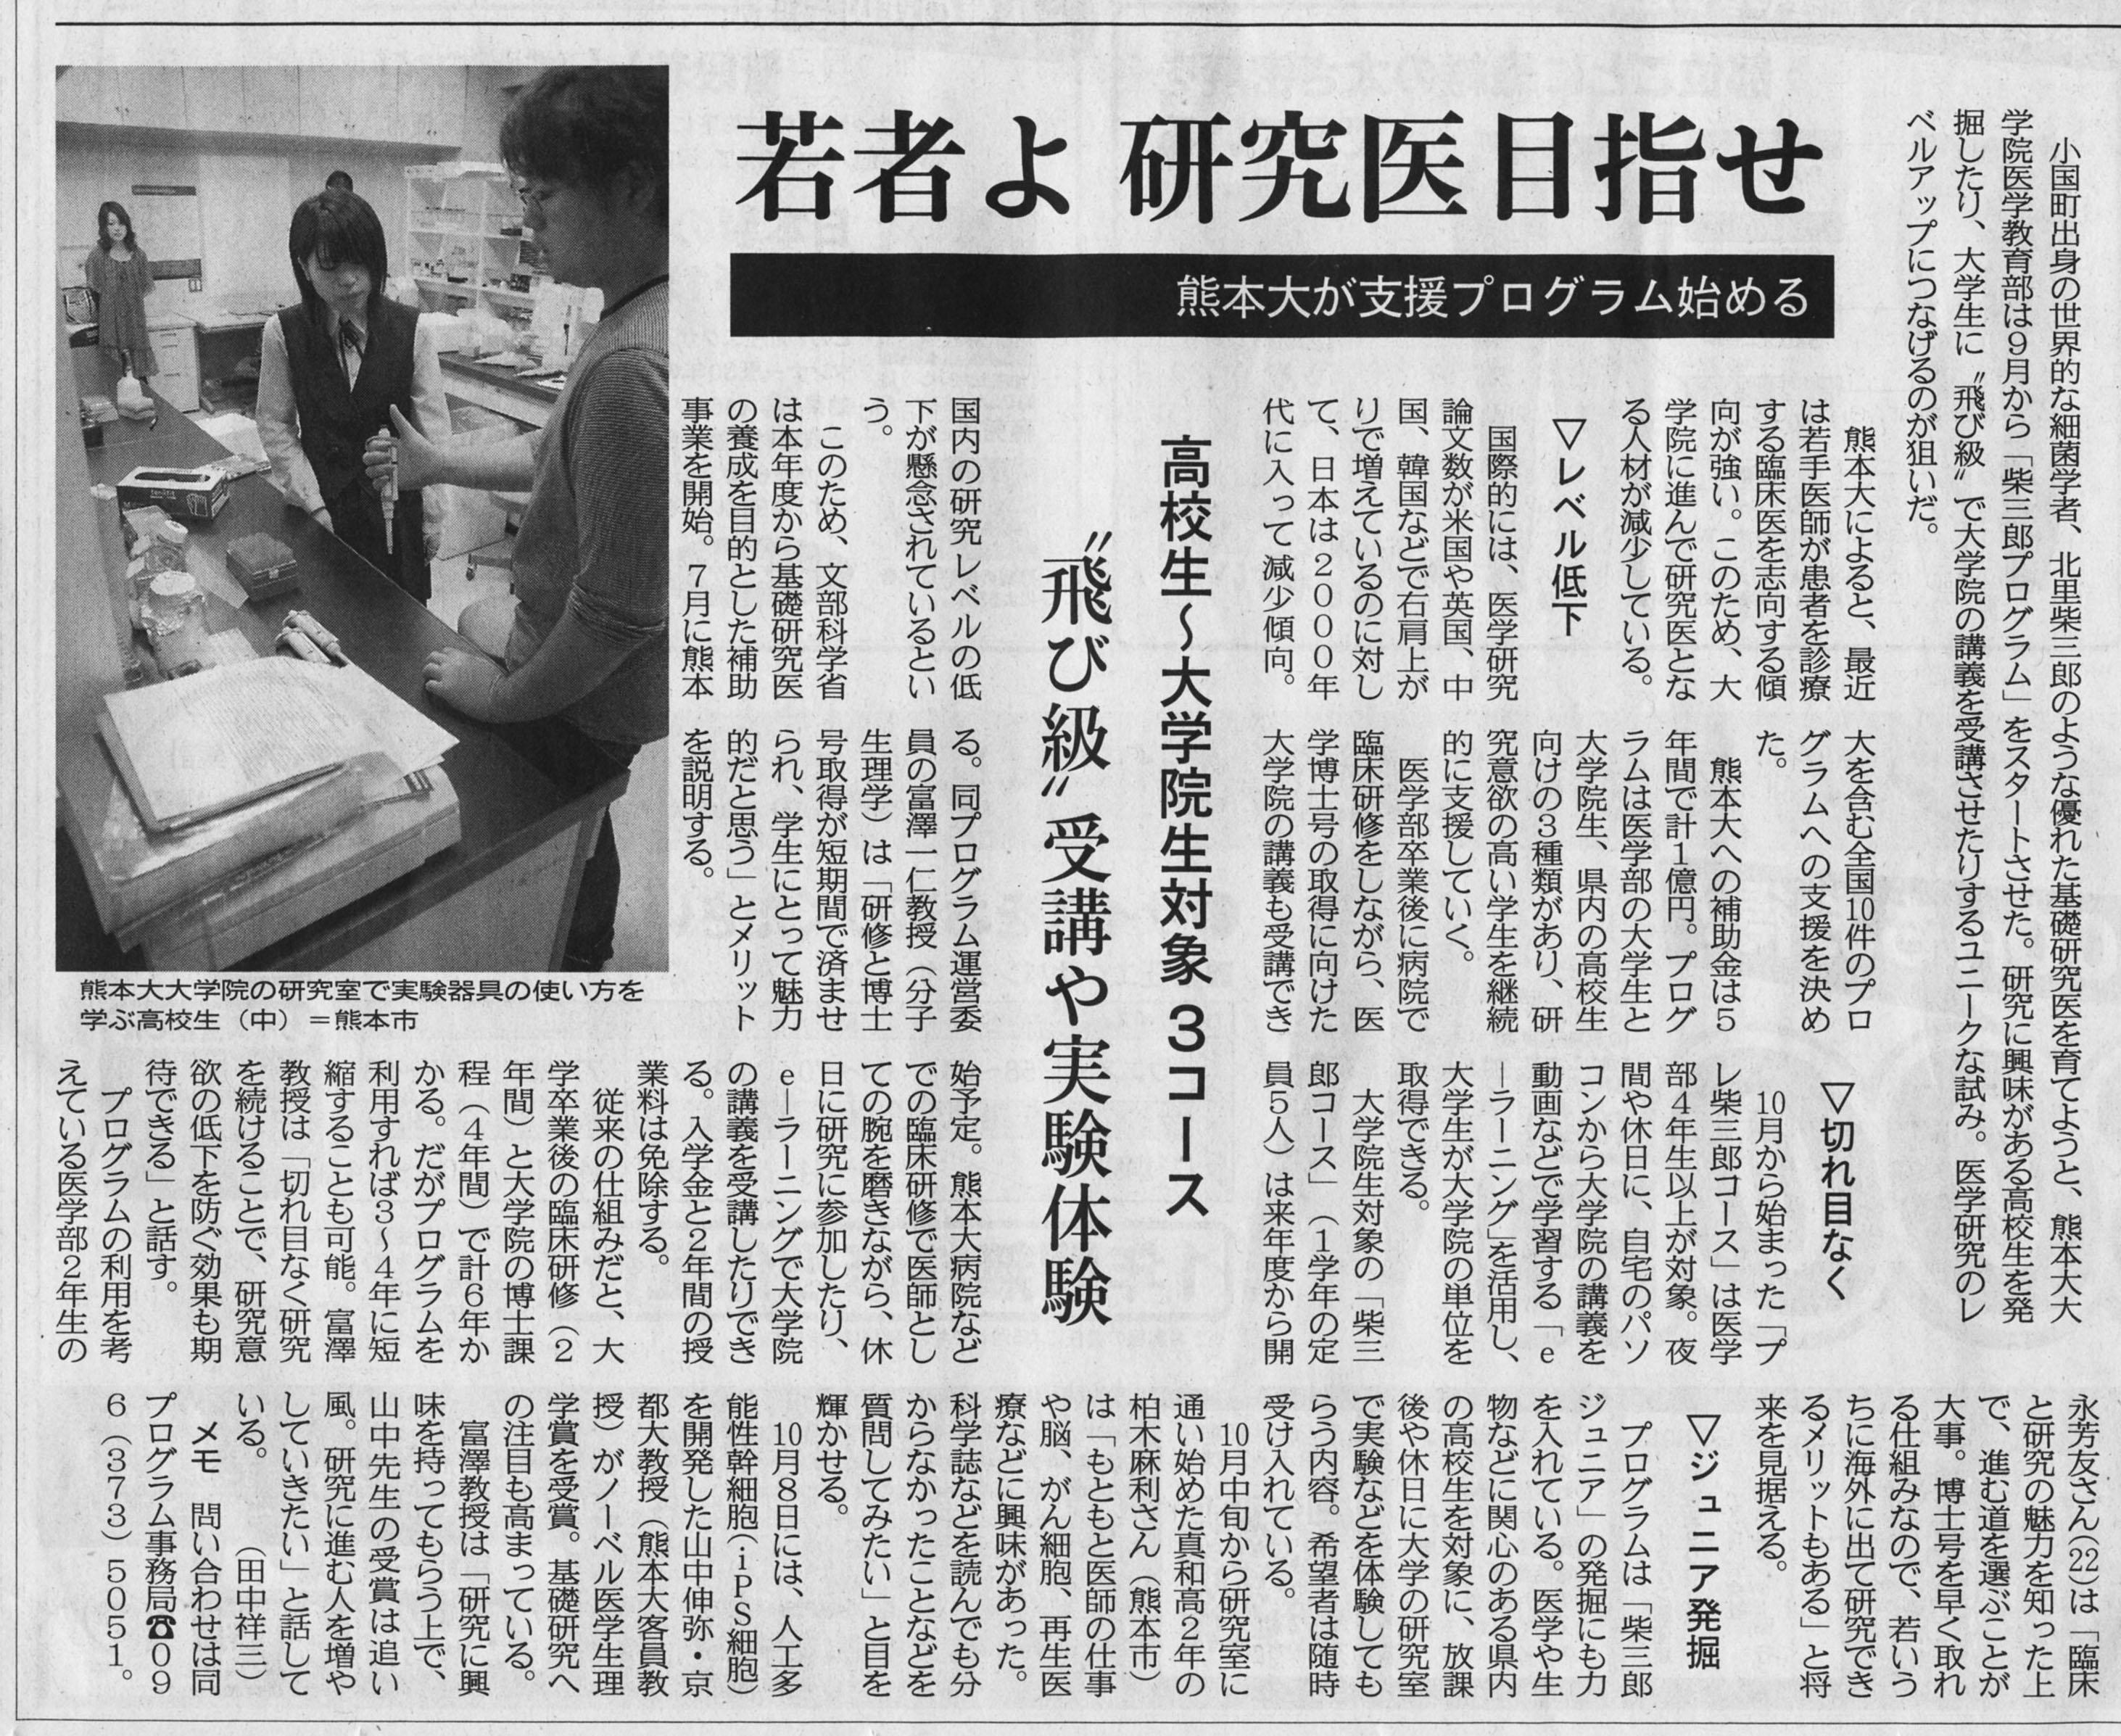 熊 日 新聞 ニュース